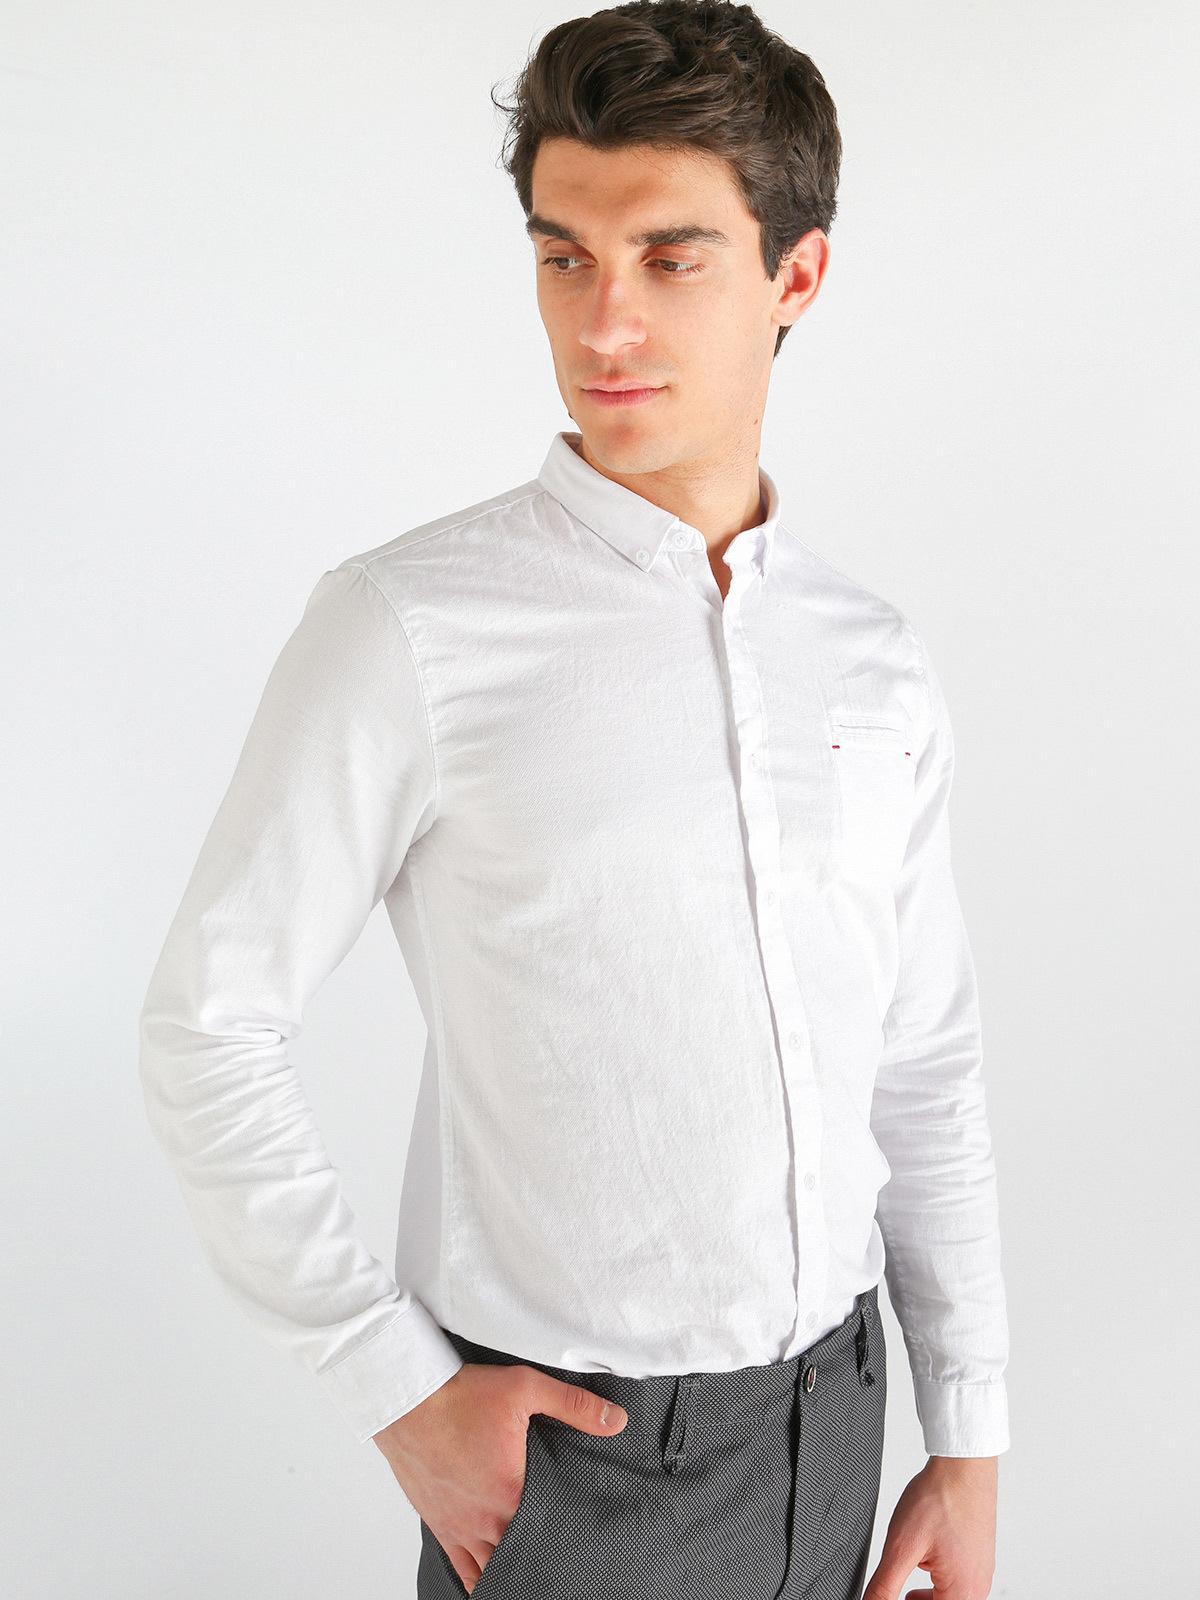 molto carino negozio ufficiale numerosi in varietà Camicia uomo in cotone y.two | MecShopping